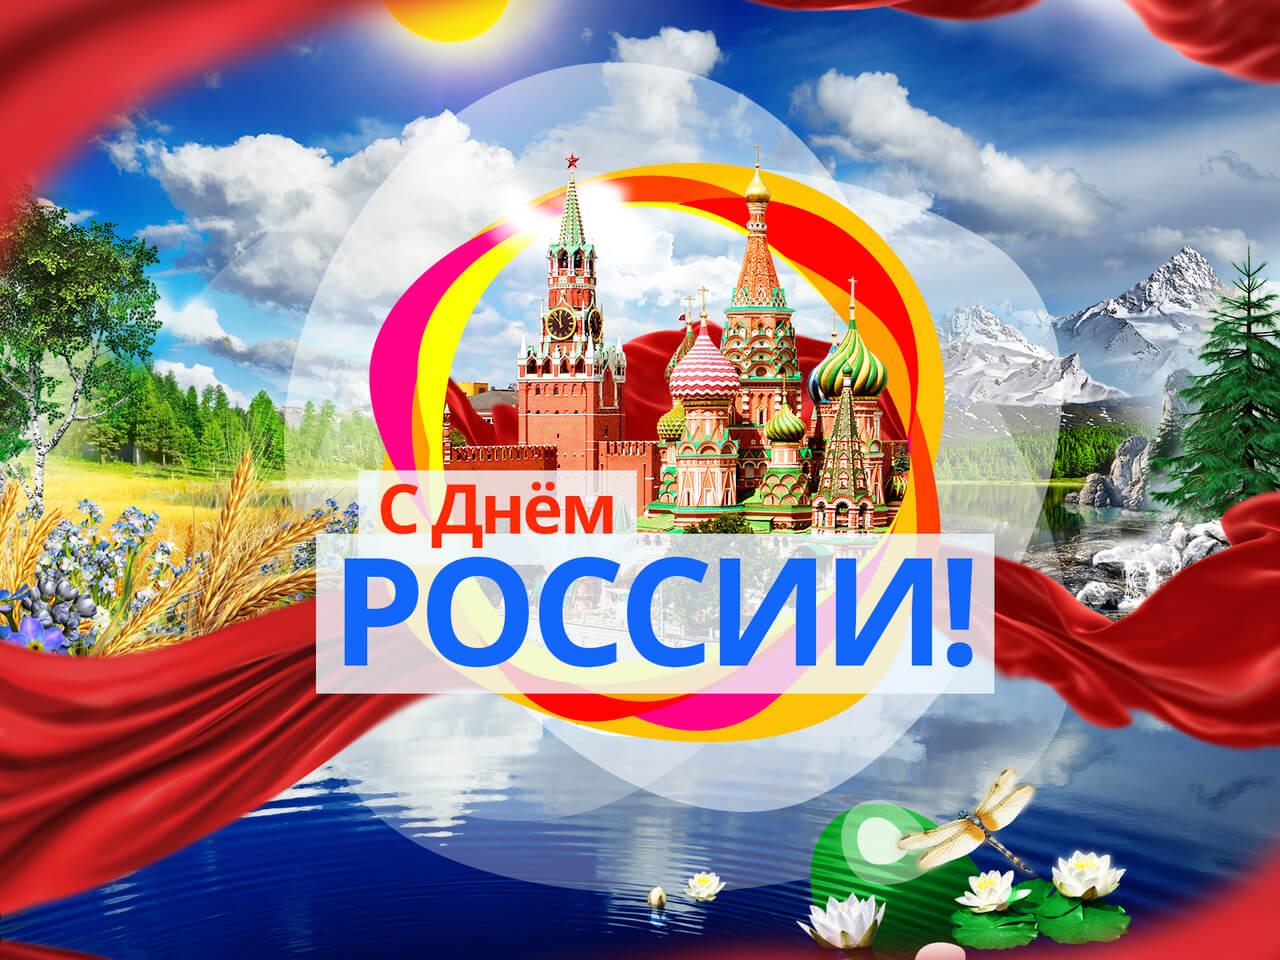 Слова поздравления ко дню россии